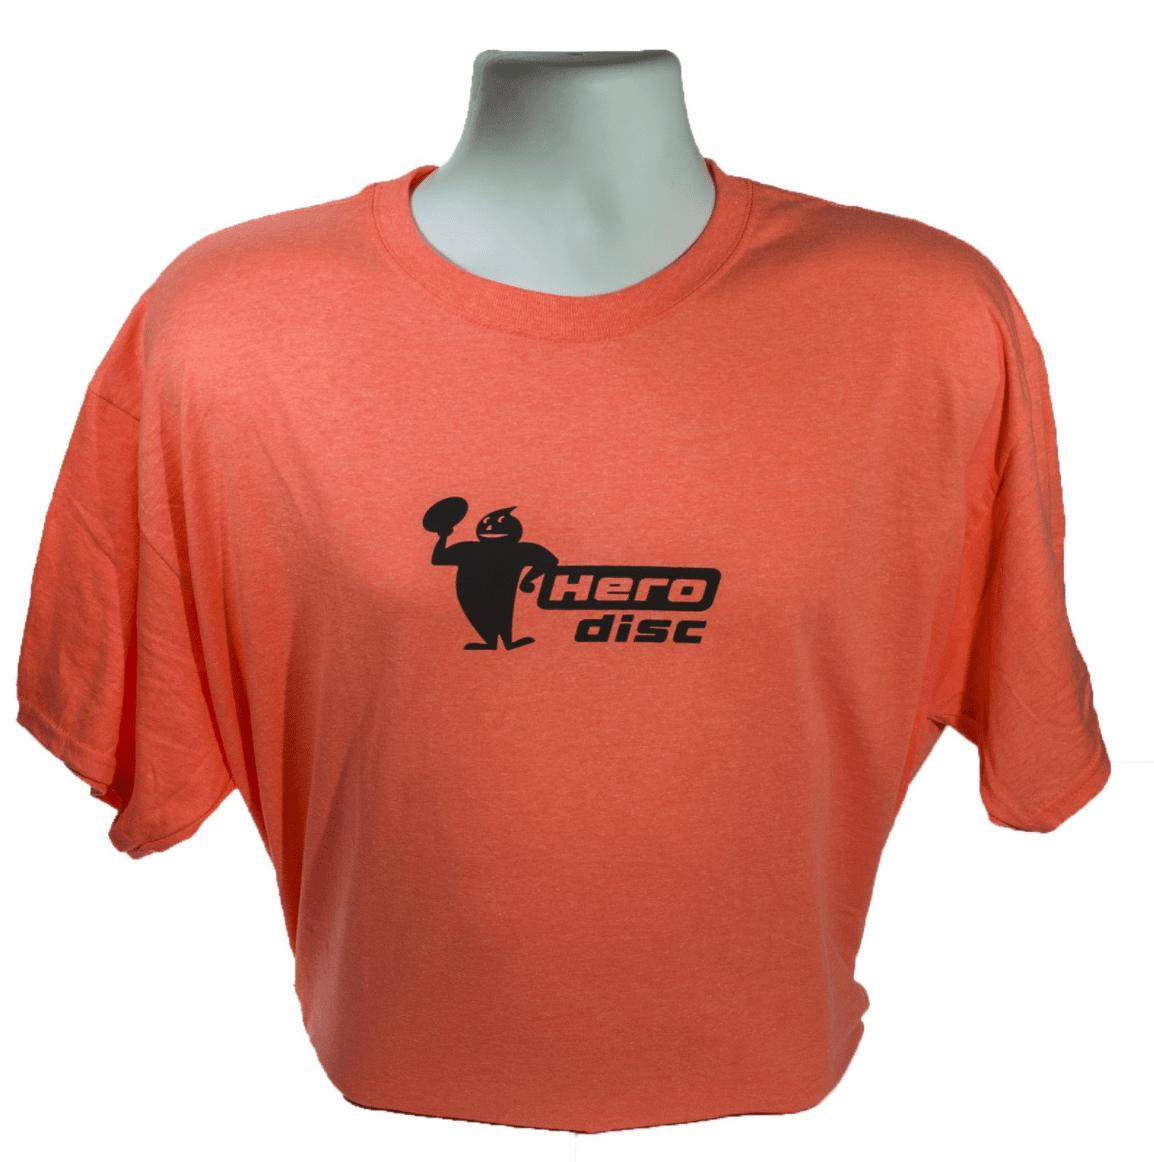 Product afbeelding voor Hero Disc T-shirt